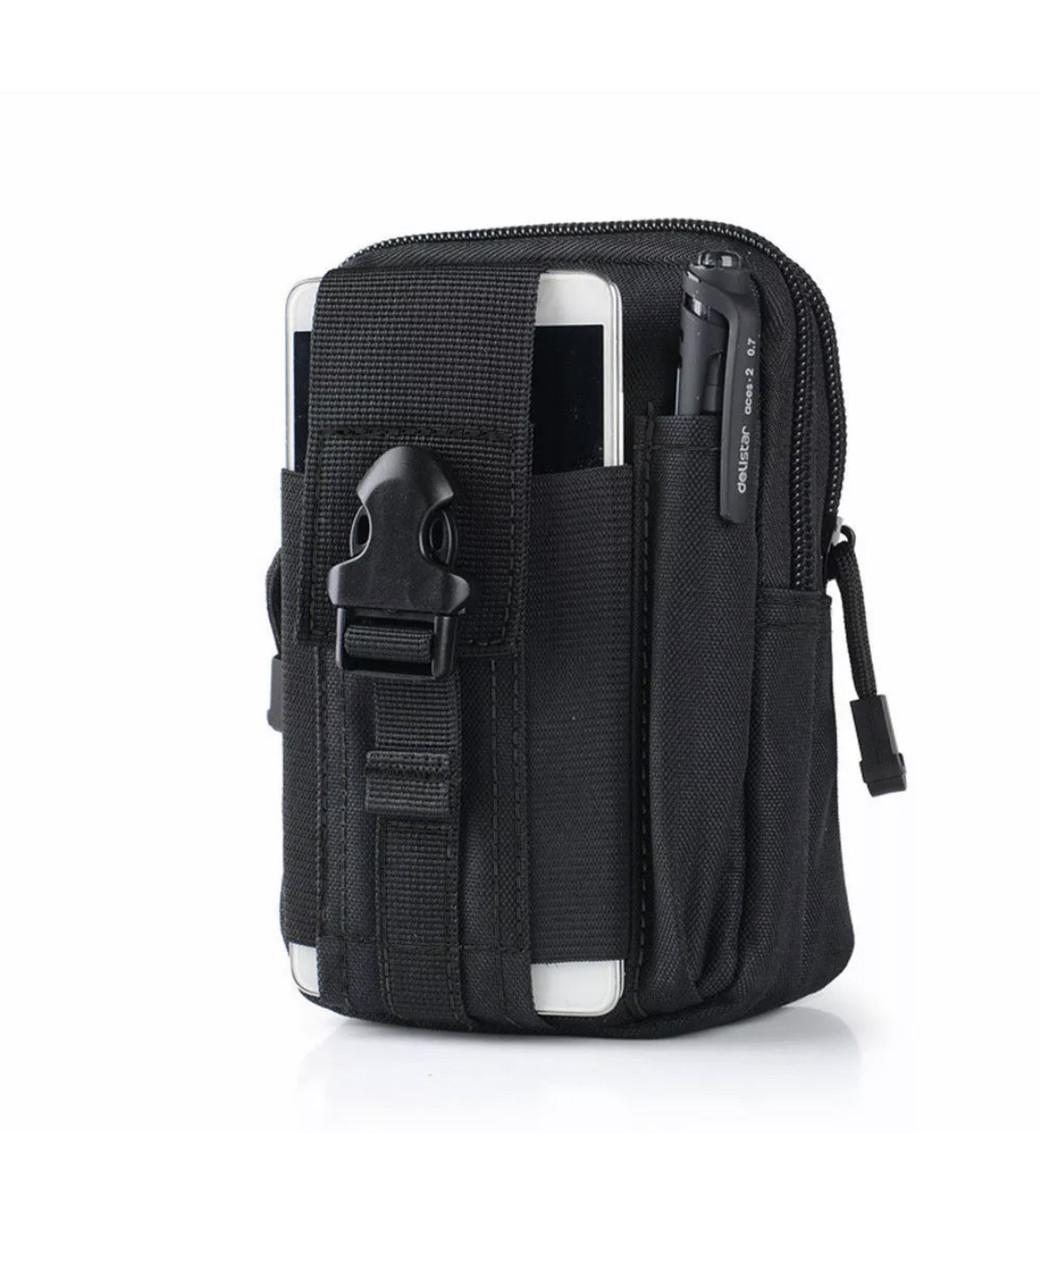 Універсальна тактична сумка на пояс в чорному кольорі «Forest» на блискавці для туризму,полювання та риболовлі